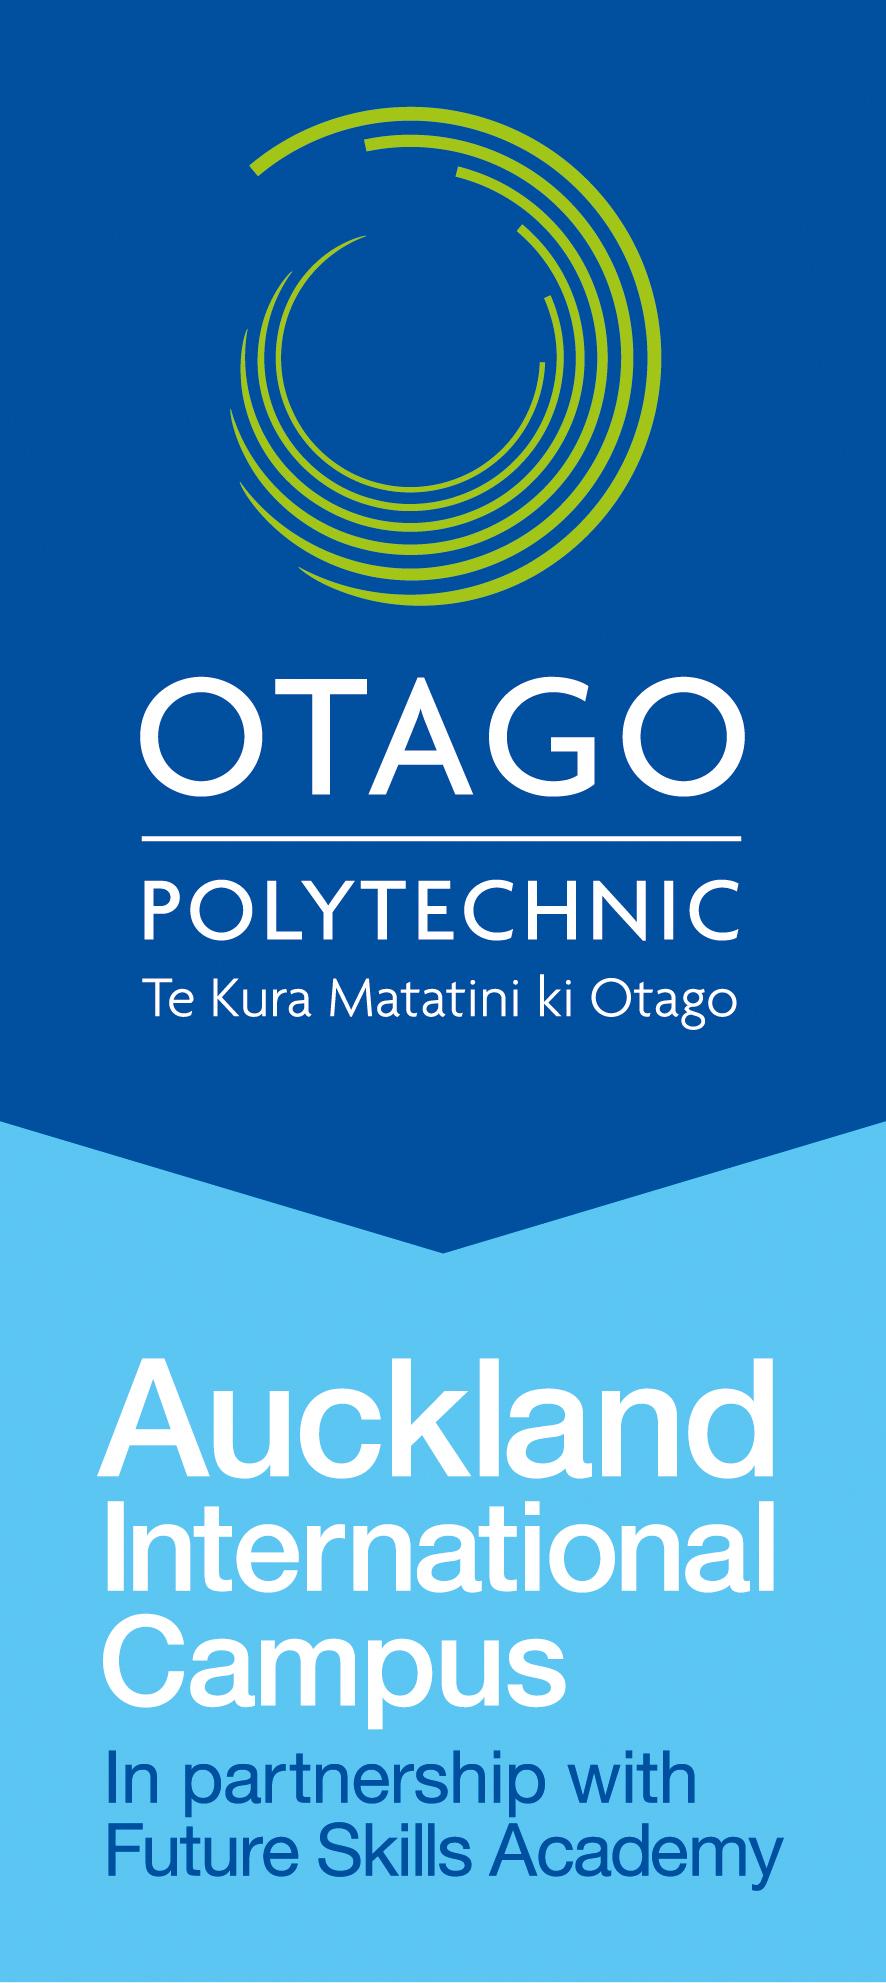 logo-otago-polytechnic